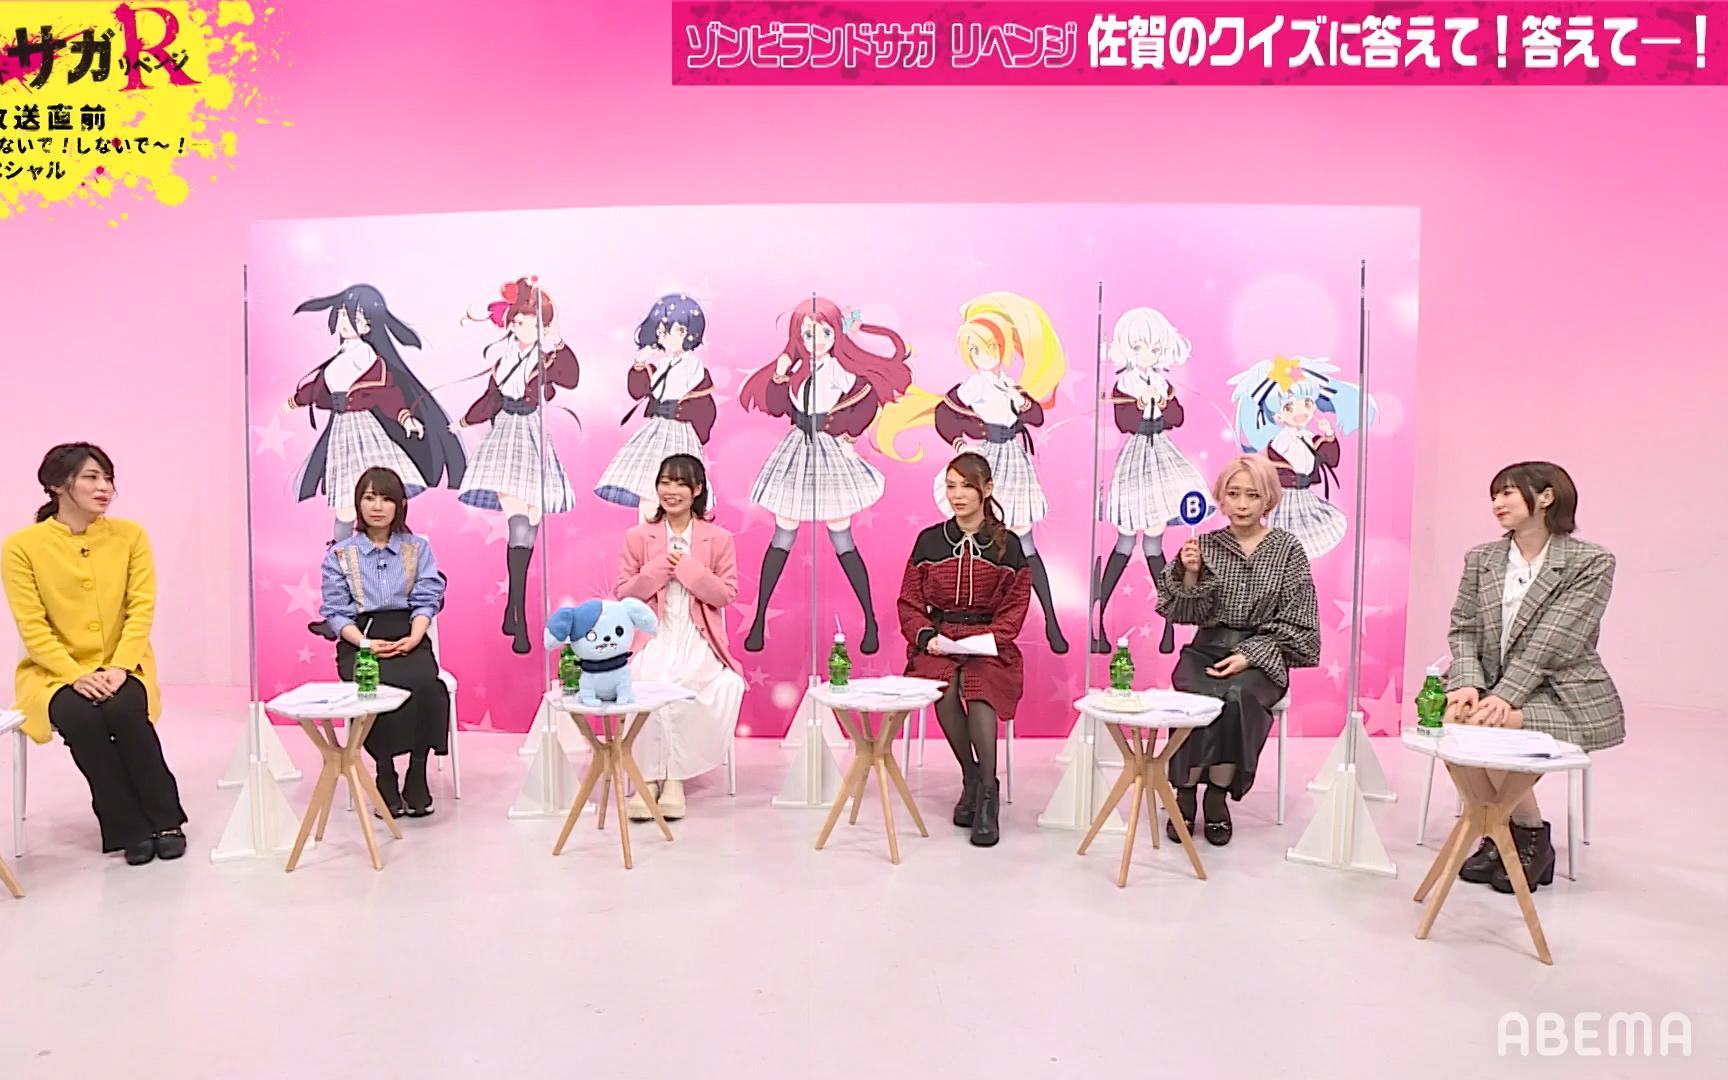 佐贺偶像是传奇 卷土重来4话放送前特别节目